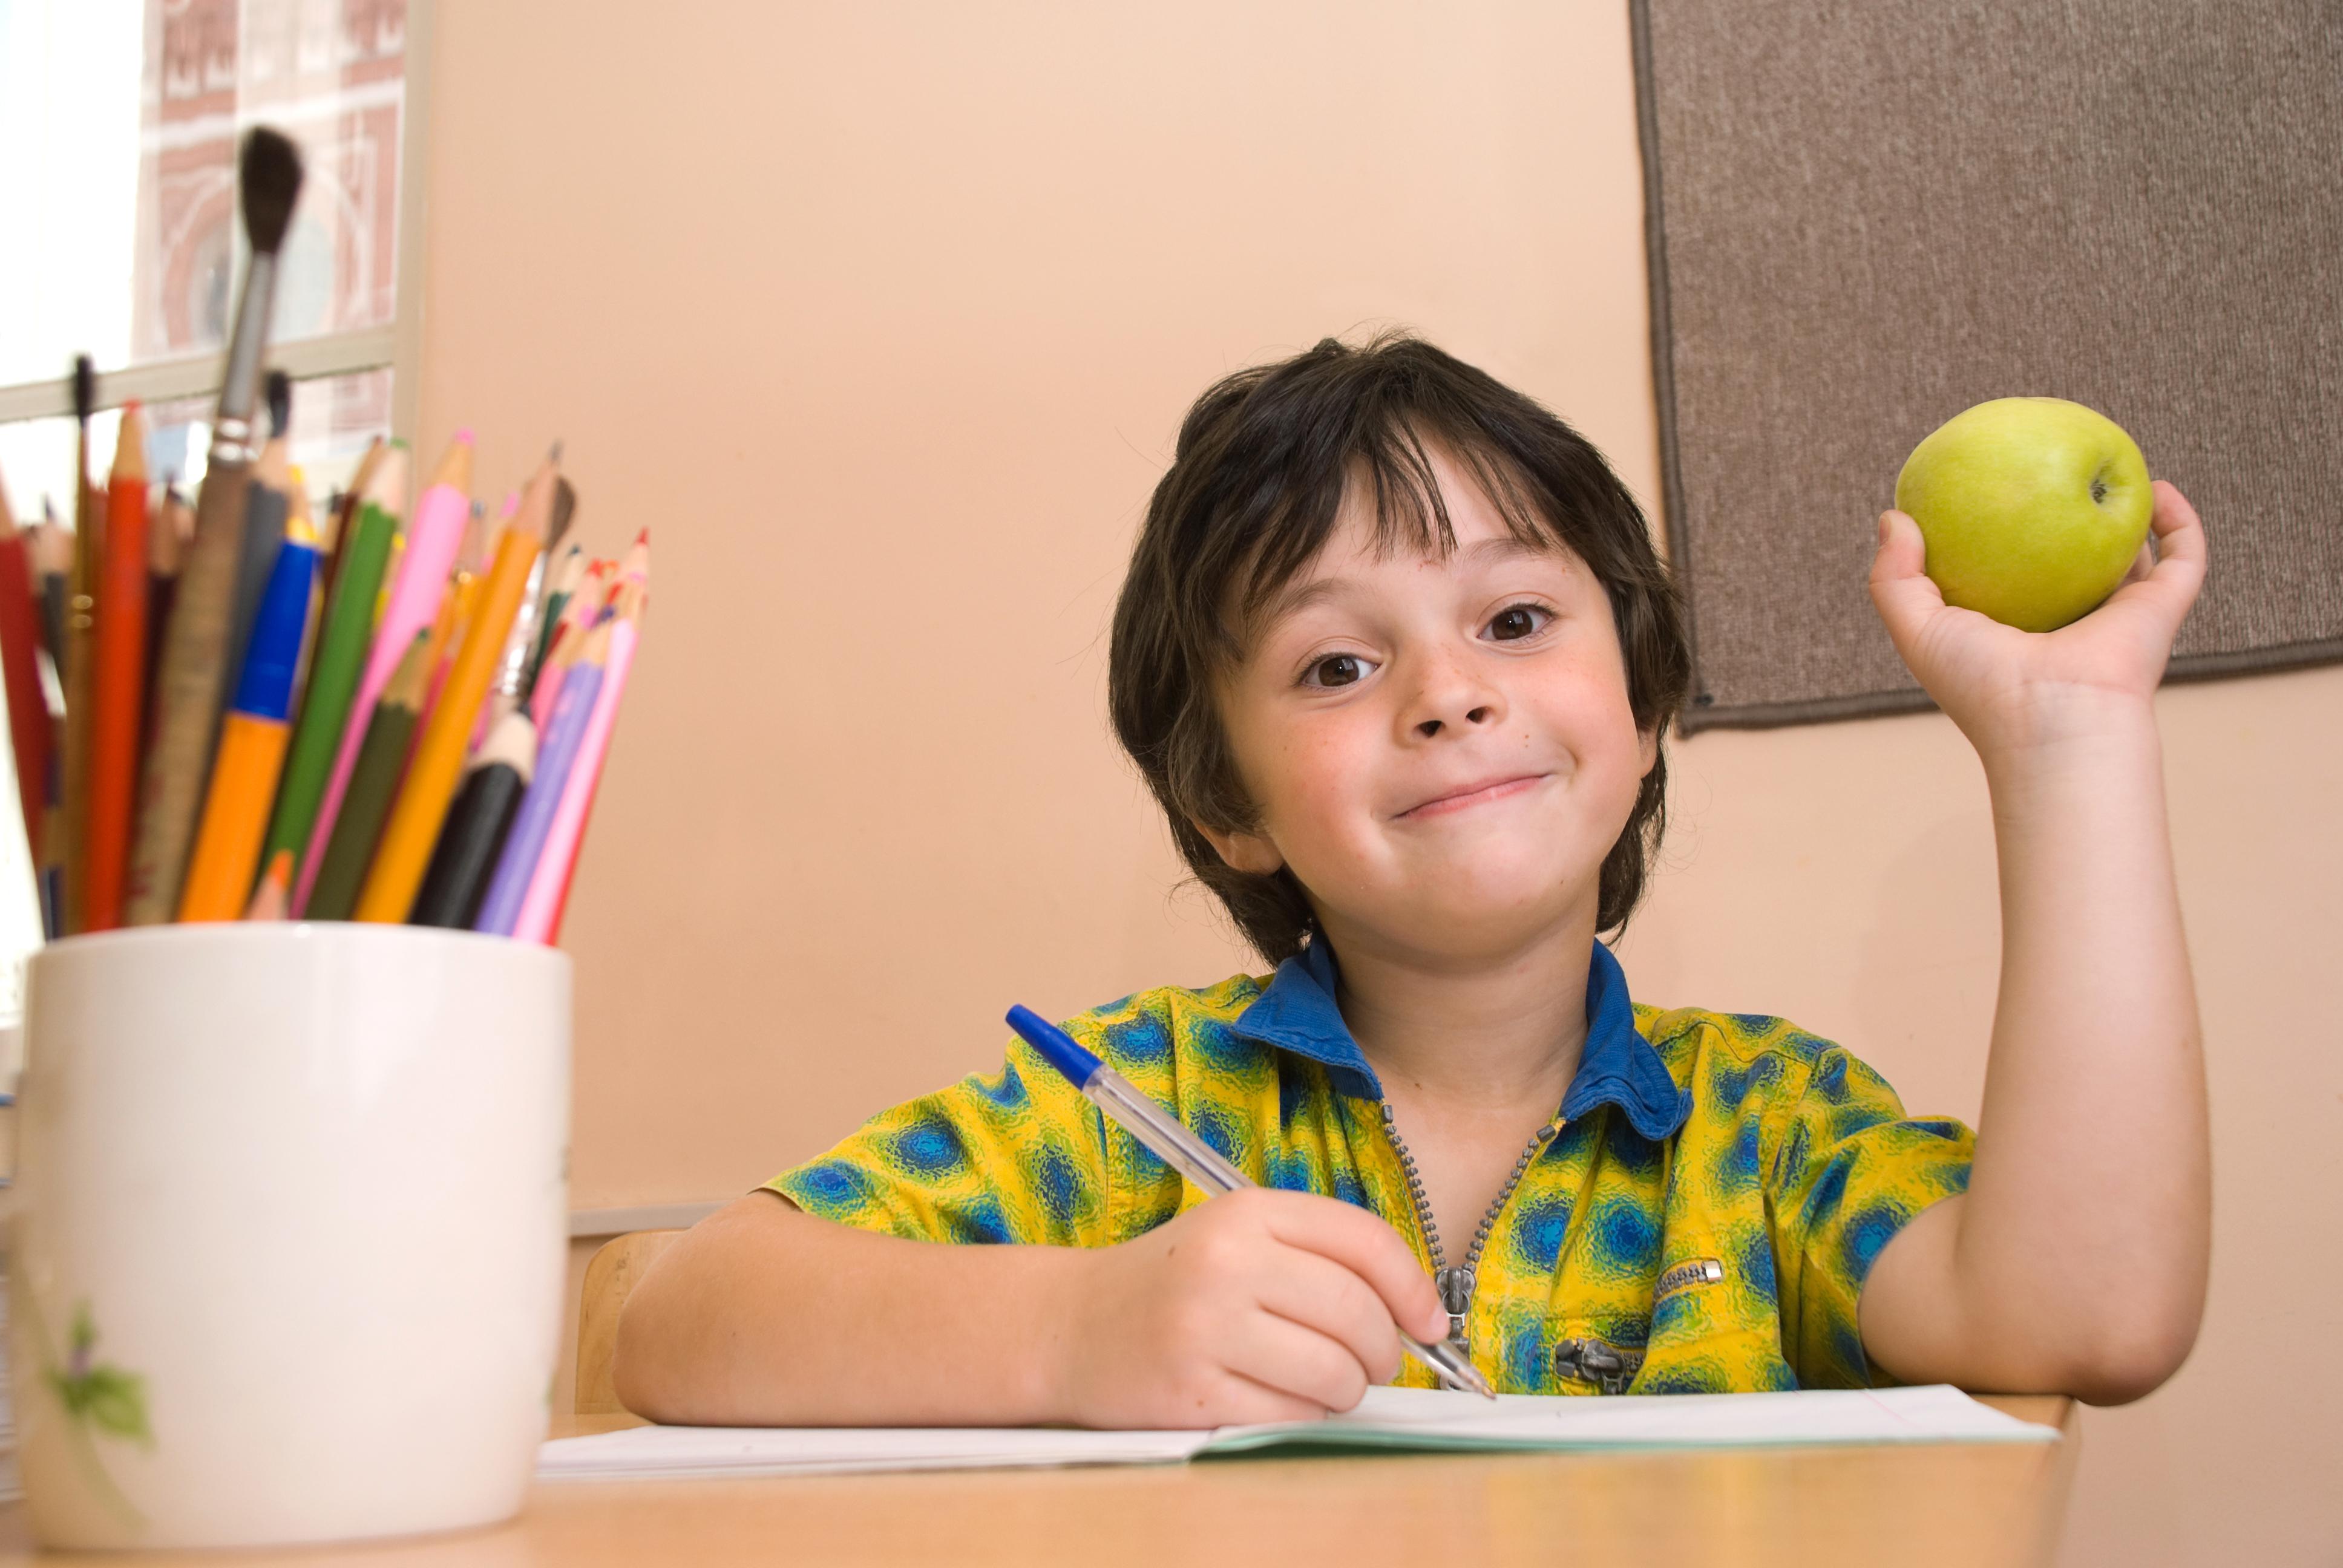 Ett klistermärke med en känd barnprogramskaraktär gjorde att 65% fler valde att ta ett äpple.